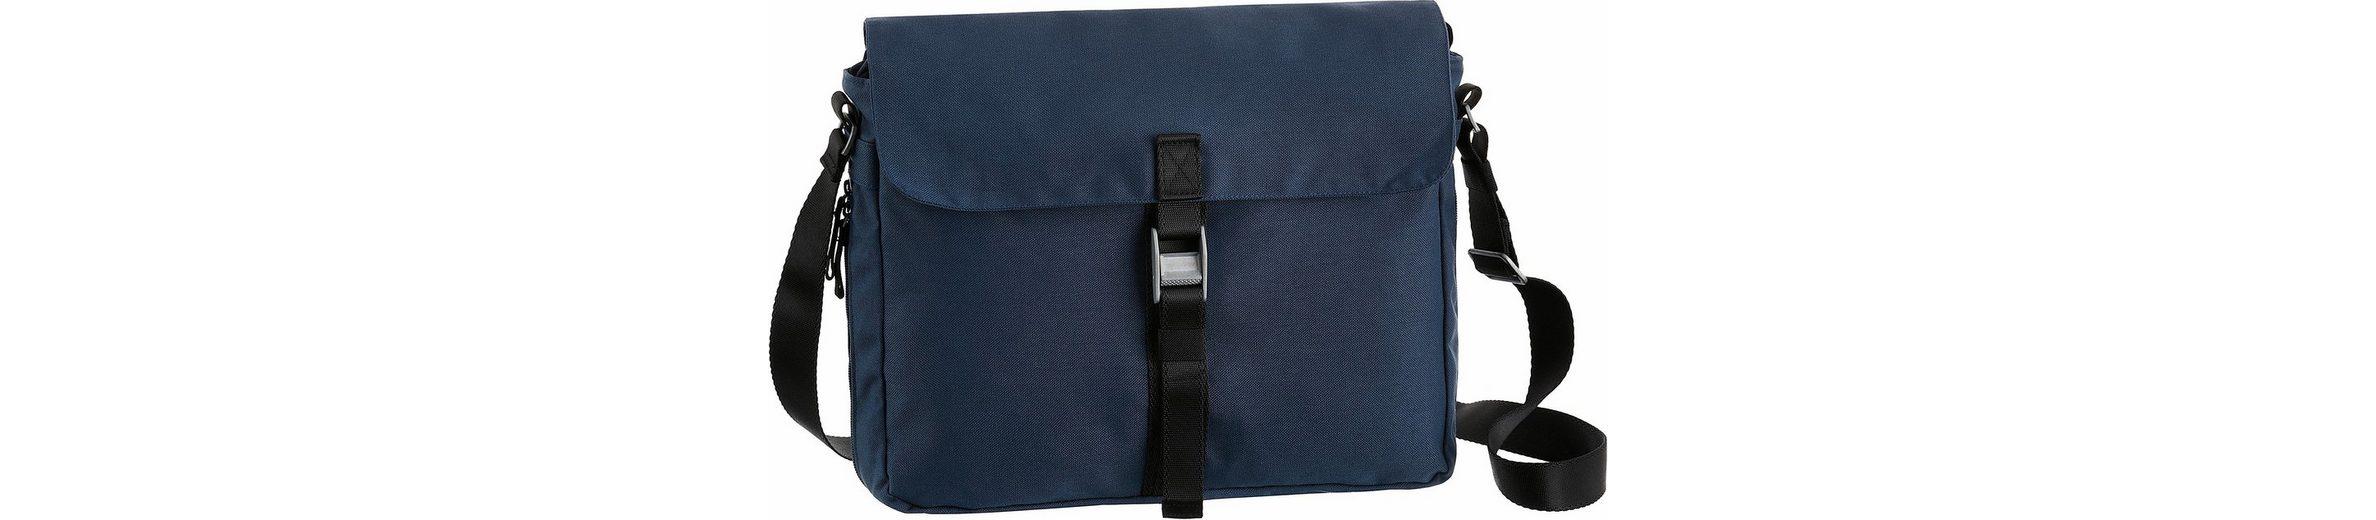 CARGO Umh盲ngetasche mit 13-Zoll Laptopfach, Cargo 101, blau, L